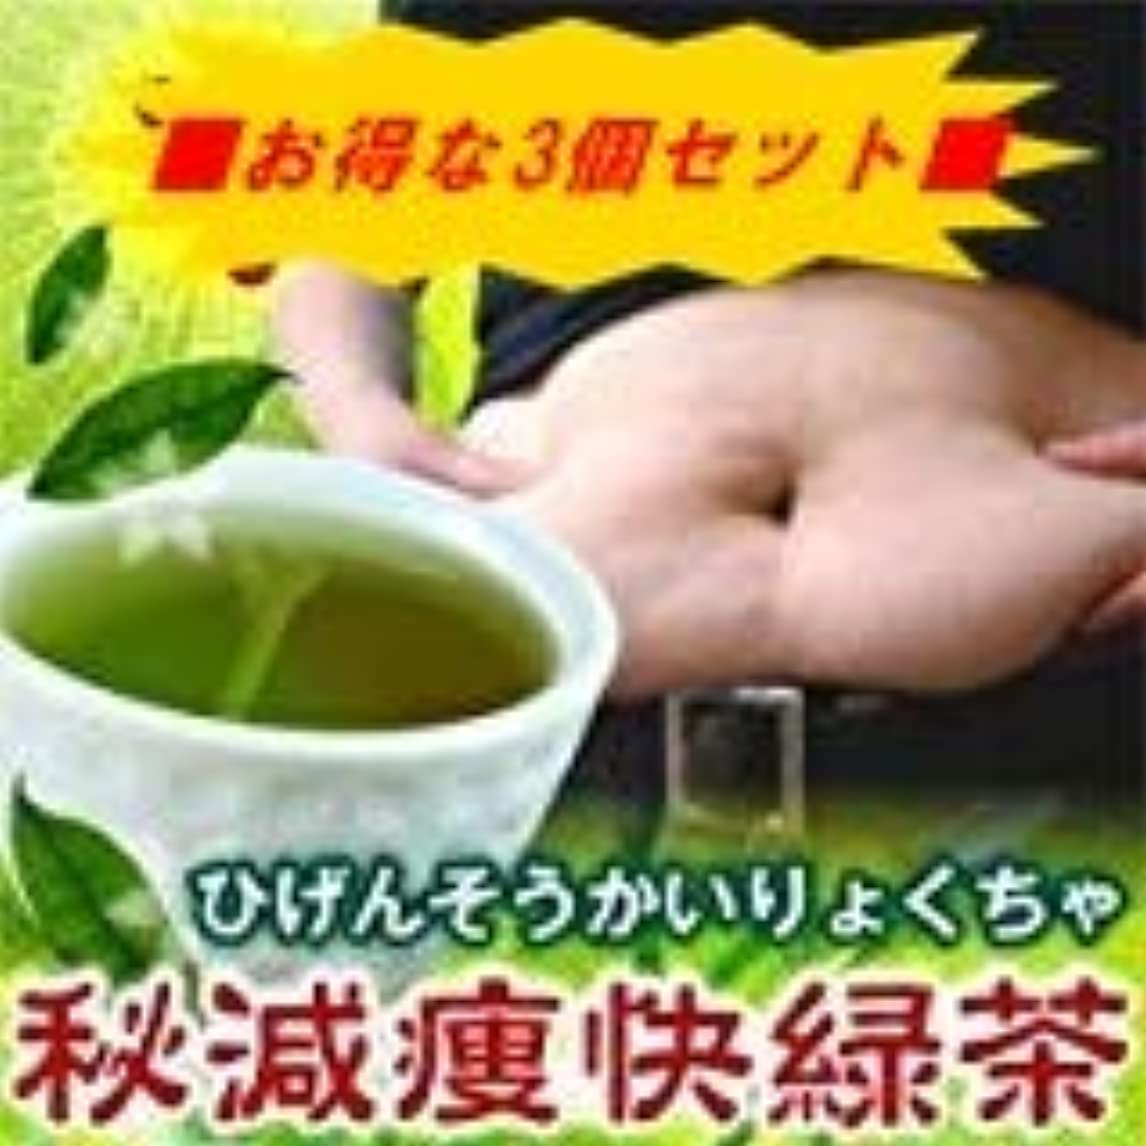 上院マーチャンダイジングあさり秘減痩快緑茶(ひげんそうかいりょくちゃ) 3個セット?